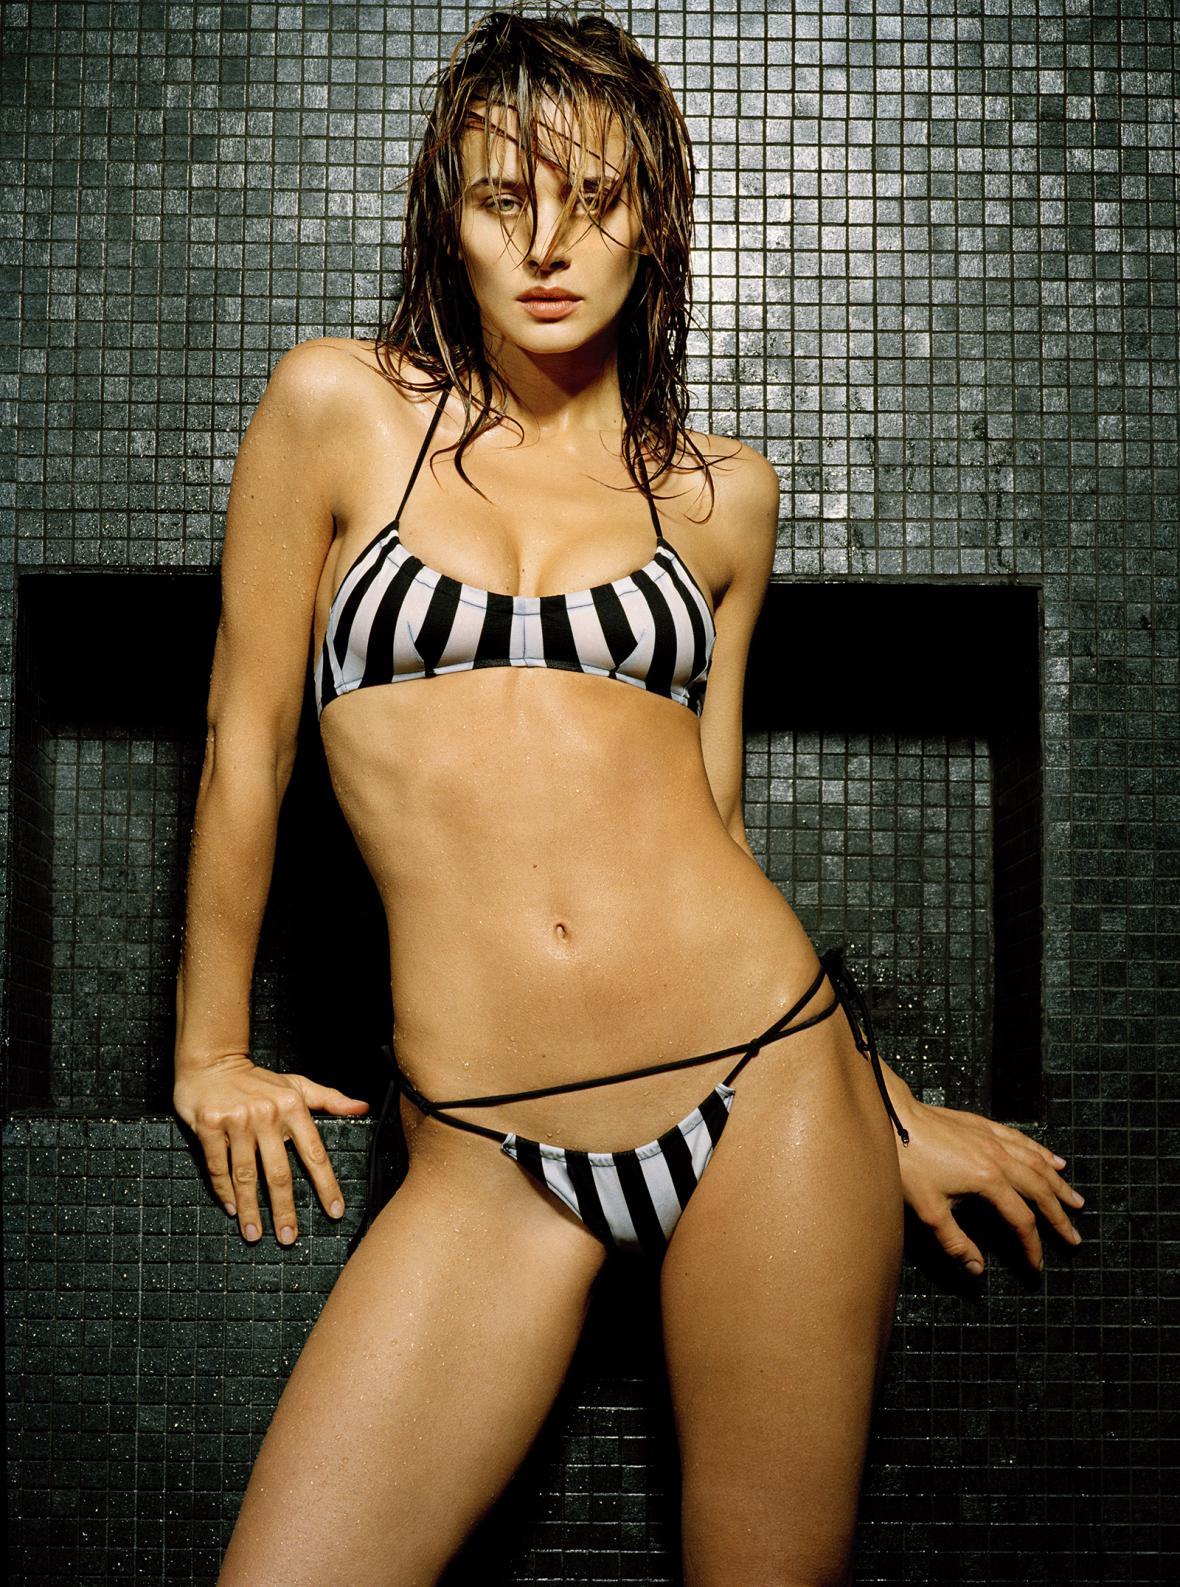 JK_2004_FS320_Bikini